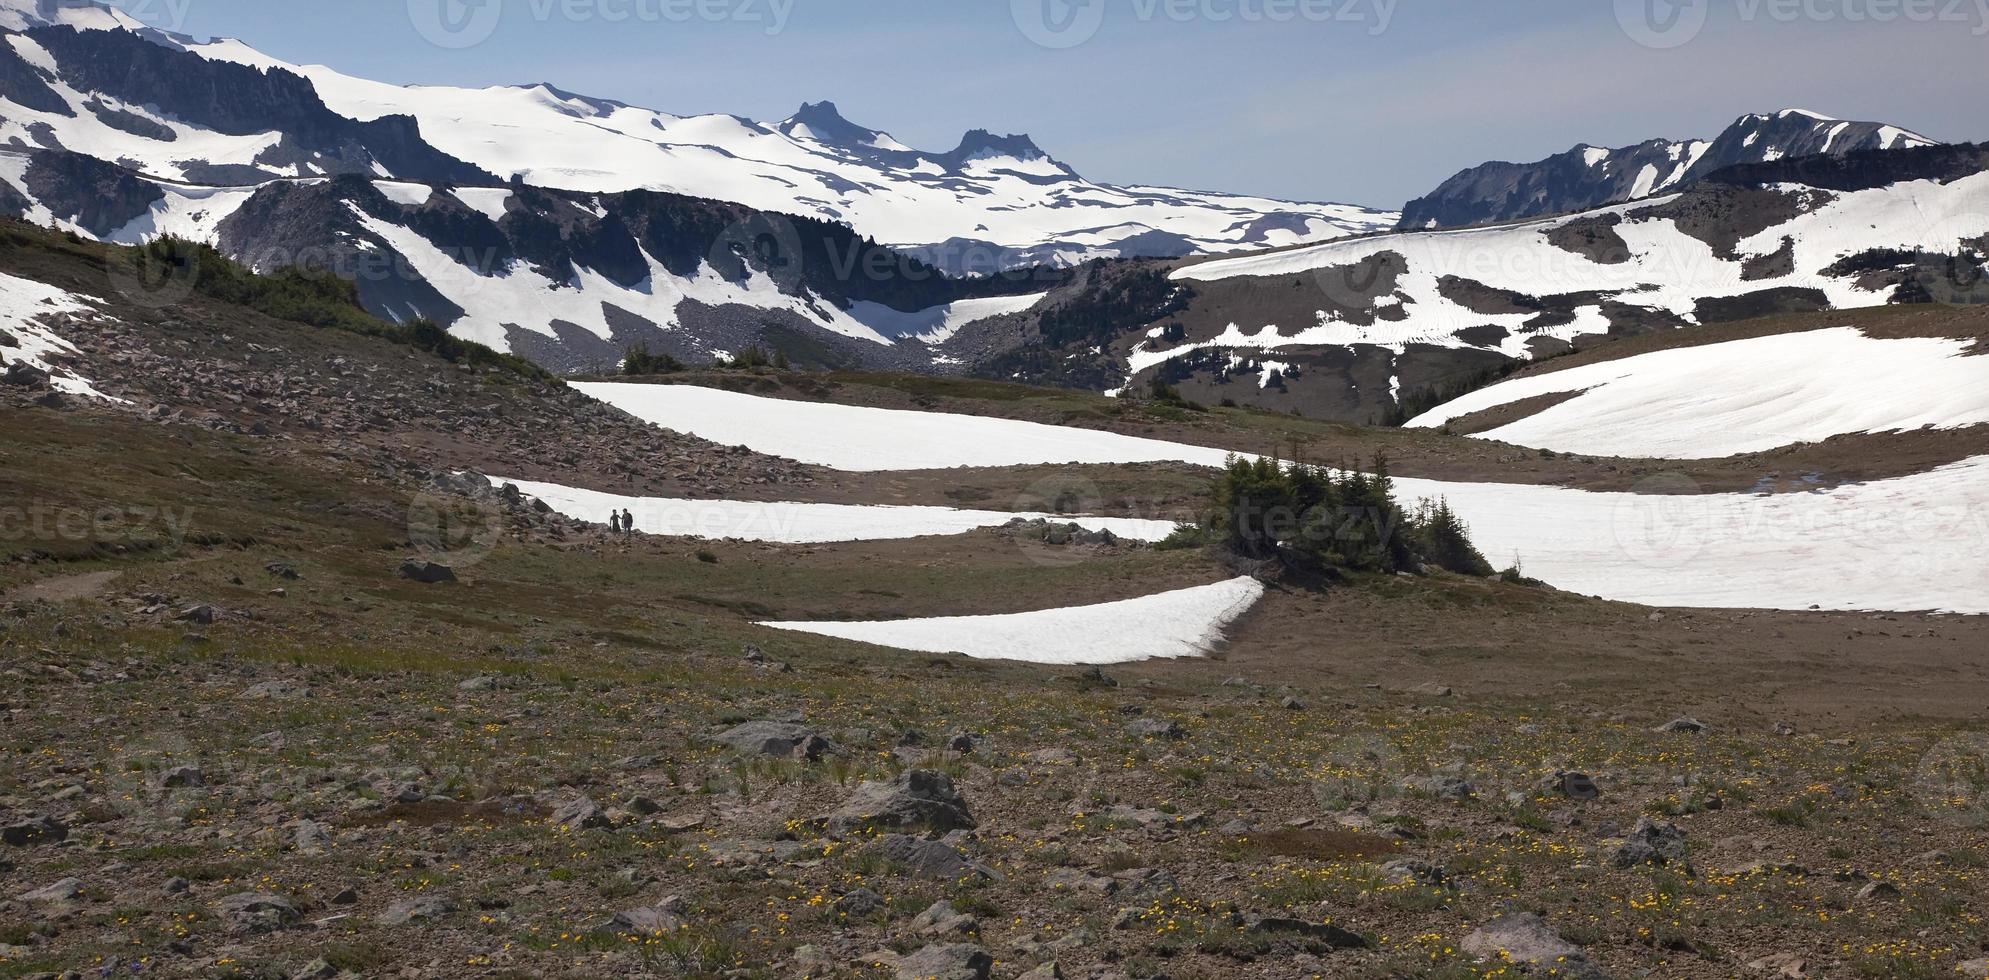 escursioni a piedi monte Rainier alba giallo fiori di campo campi di neve foto